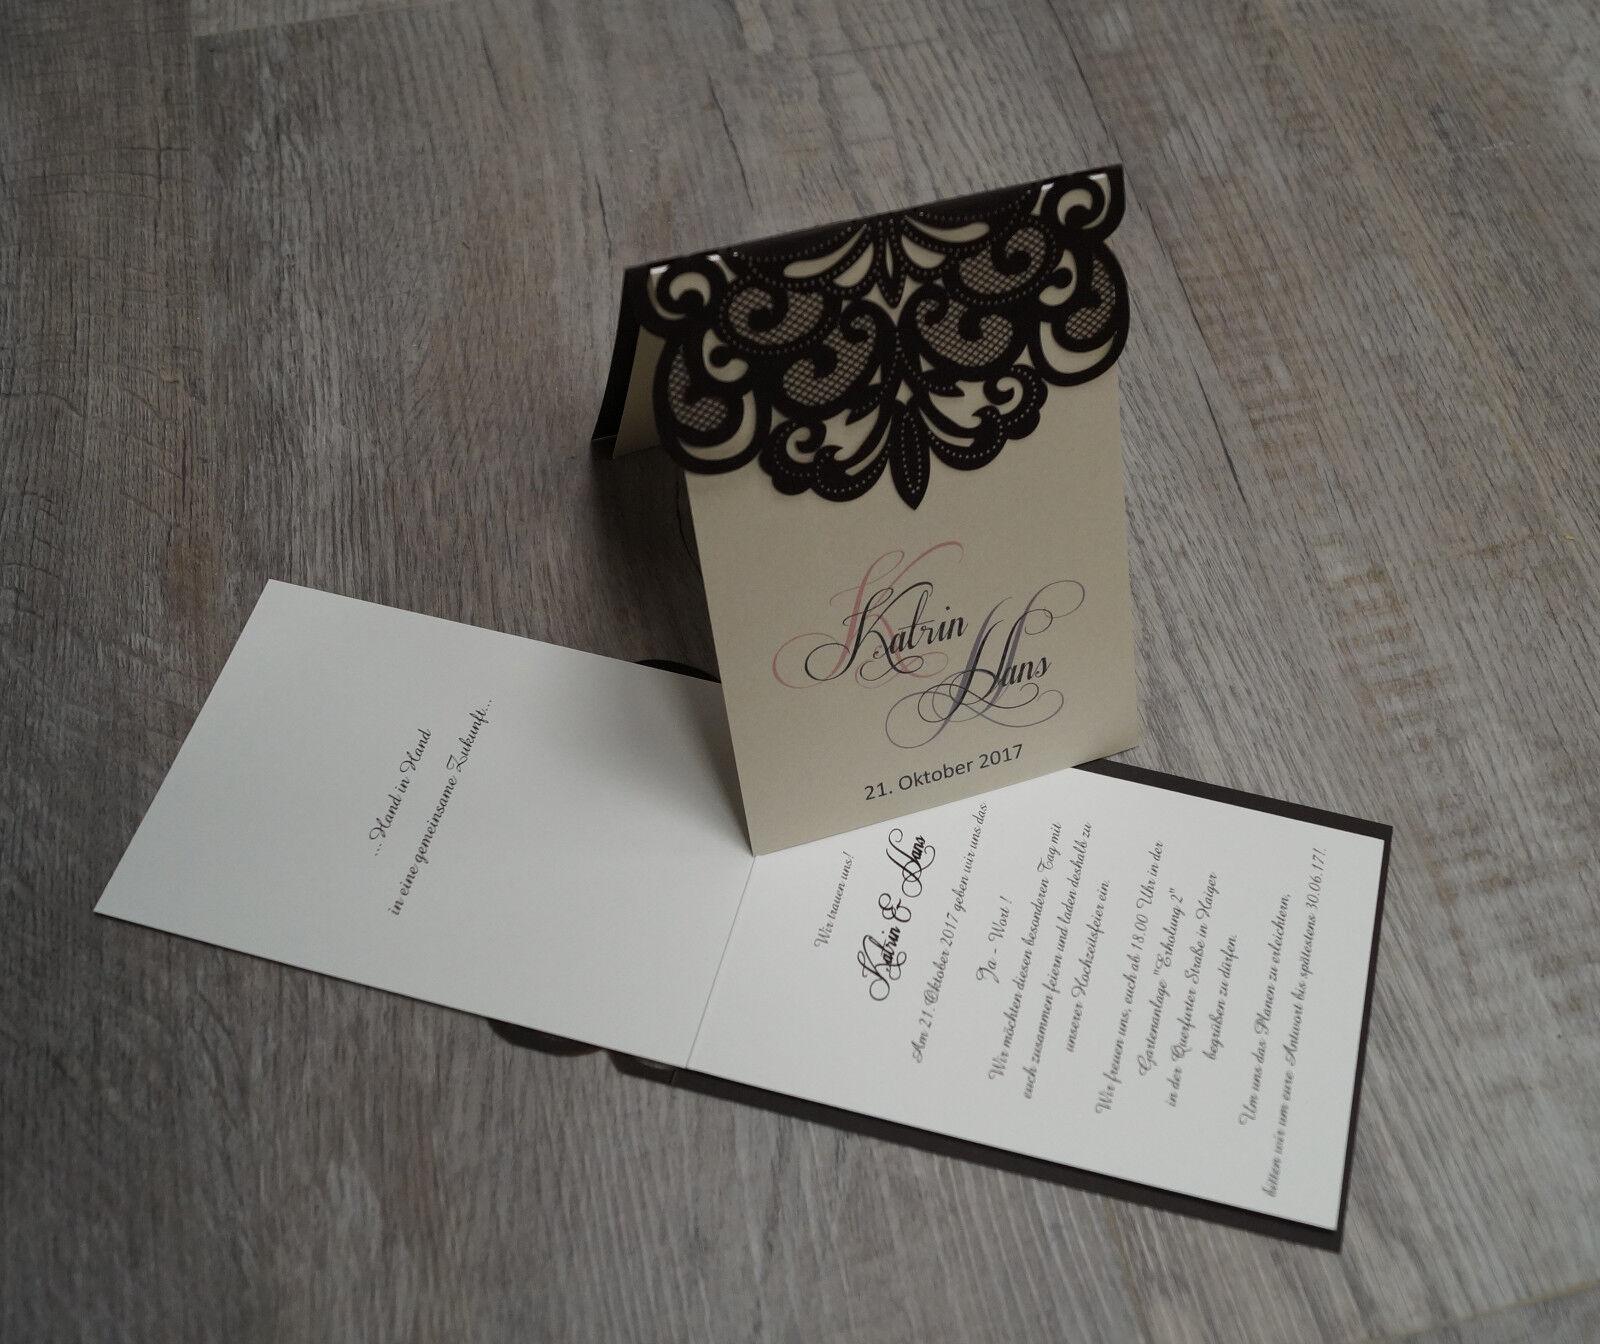 Einladungskarte Hochzeit FE352E mit Umschlag  Hochzeitseinladungskarten | Starke Hitze- und Hitzebeständigkeit  | Elegant und feierlich  | Bekannt für seine gute Qualität